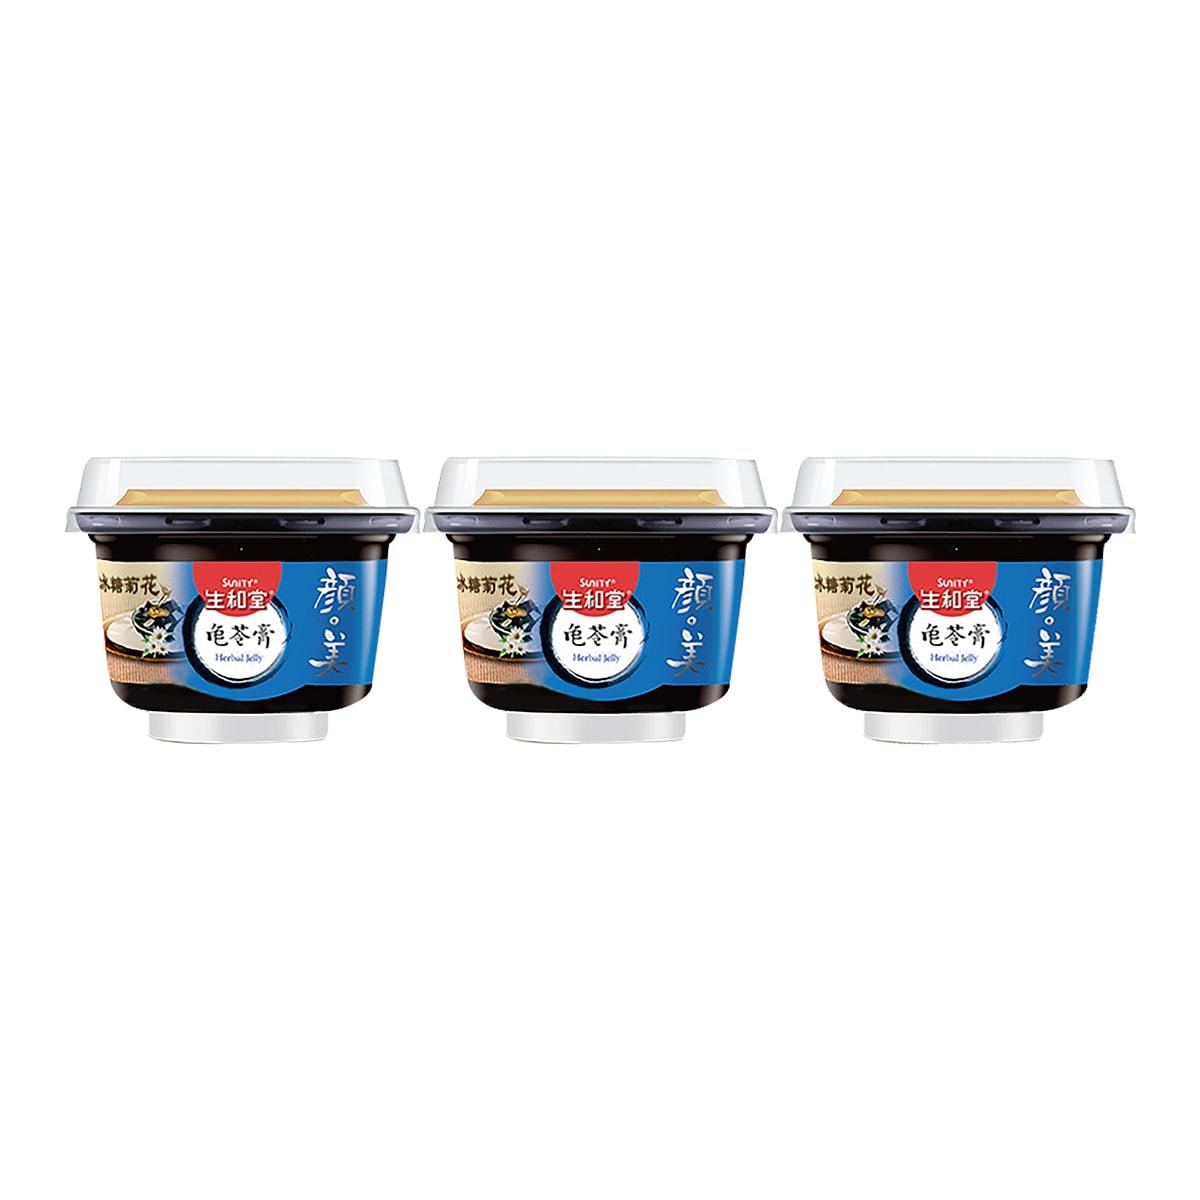 生和堂 龟苓膏 冰糖菊花口味 3杯装 附伴侣调味包+汤勺 645g 怎么样 - 亚米网